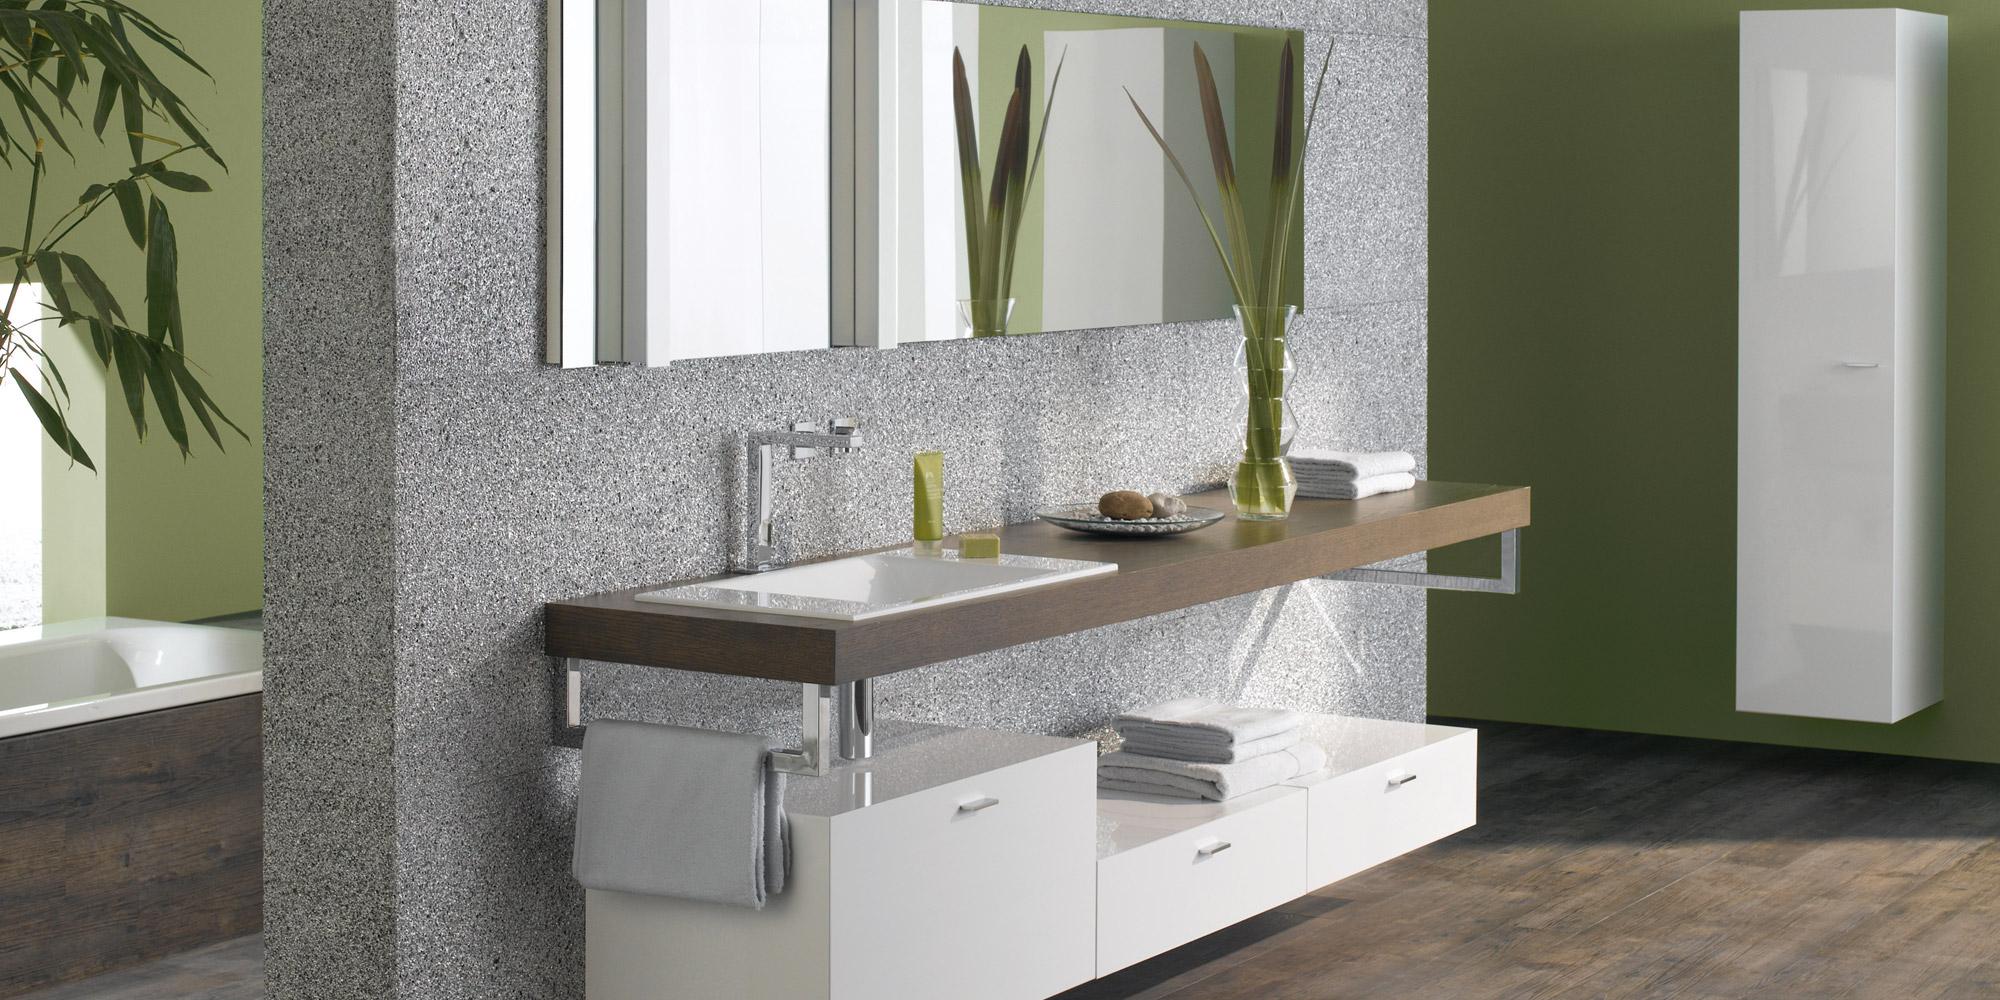 zuverl ssige sanit rinstallation. Black Bedroom Furniture Sets. Home Design Ideas